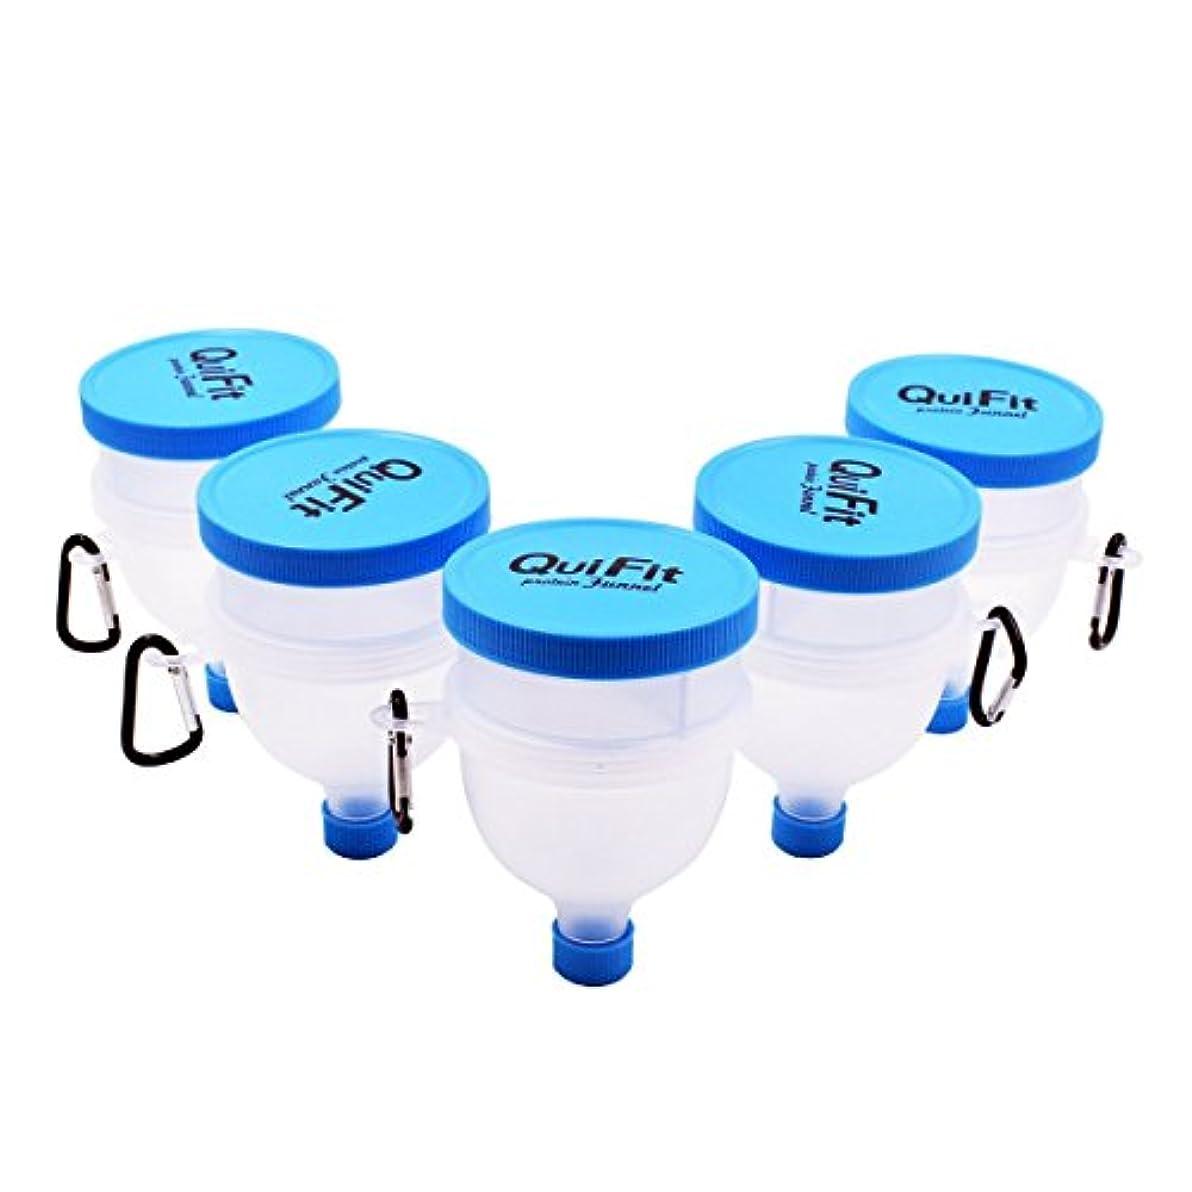 アベニュー大洪水警報プロテインサプリメント携帯容器-QuiFit ファンネル 粉末サプリメント小分け携帯用漏斗-スカイブルー-BPAフリー (5)